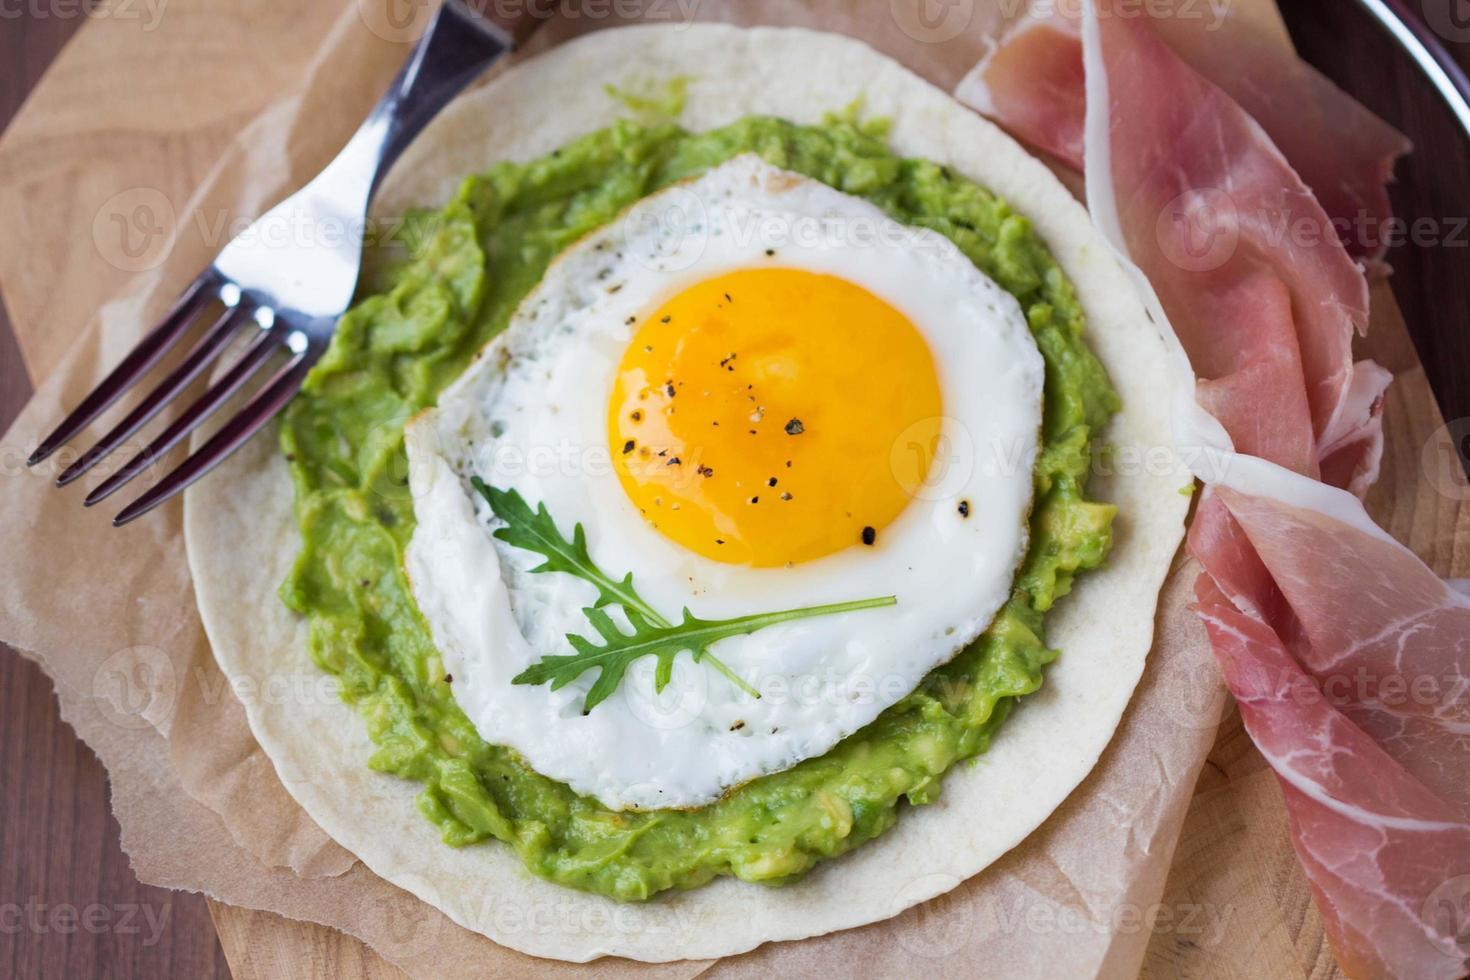 colazione con uovo fritto, salsa di avocado su tortilla di farina foto